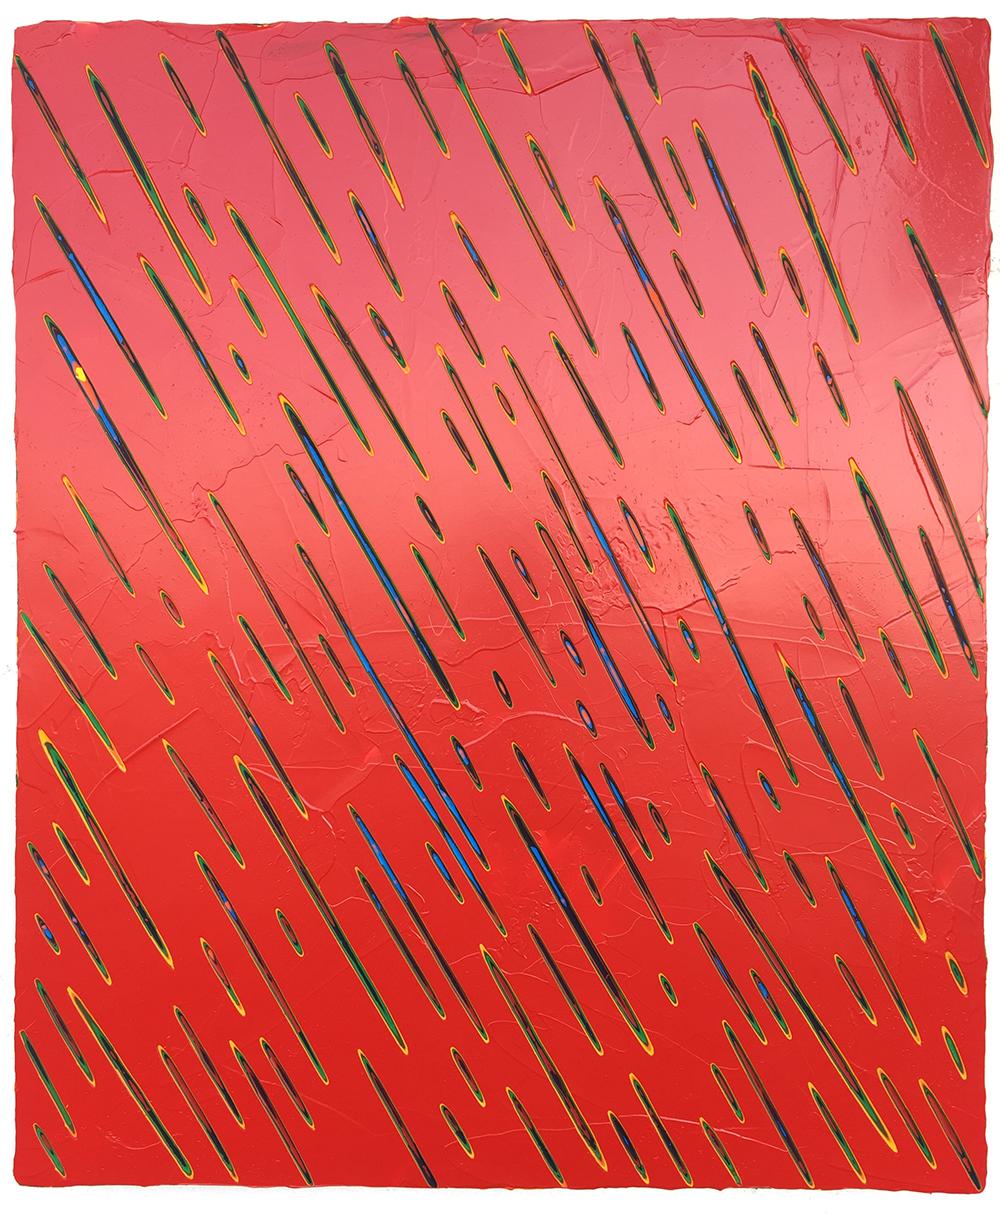 《绘画113—雨》50x60cm 木板丙烯2018